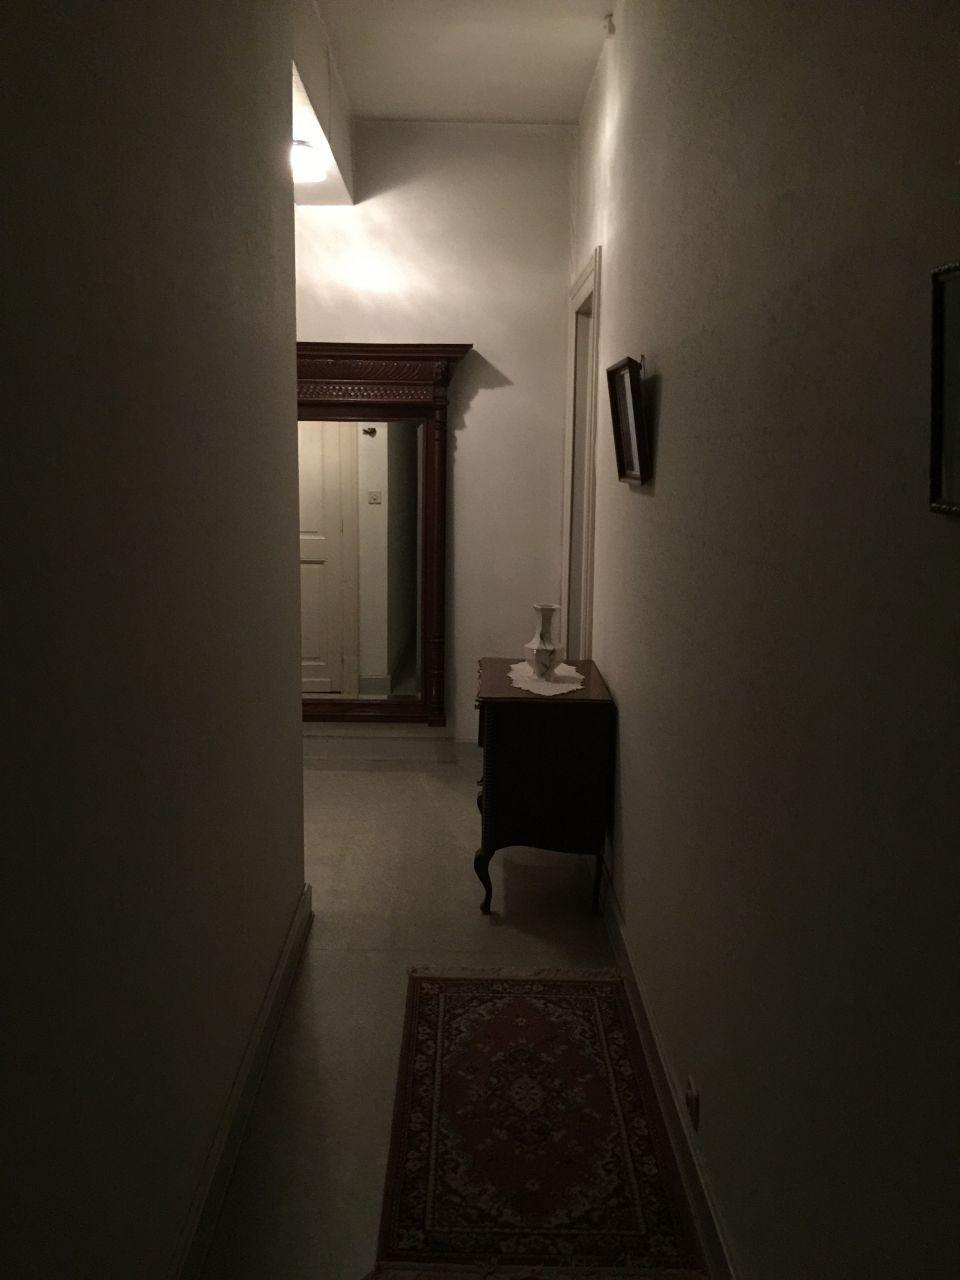 Hall de nuit avant que la maison ne soit vidée.